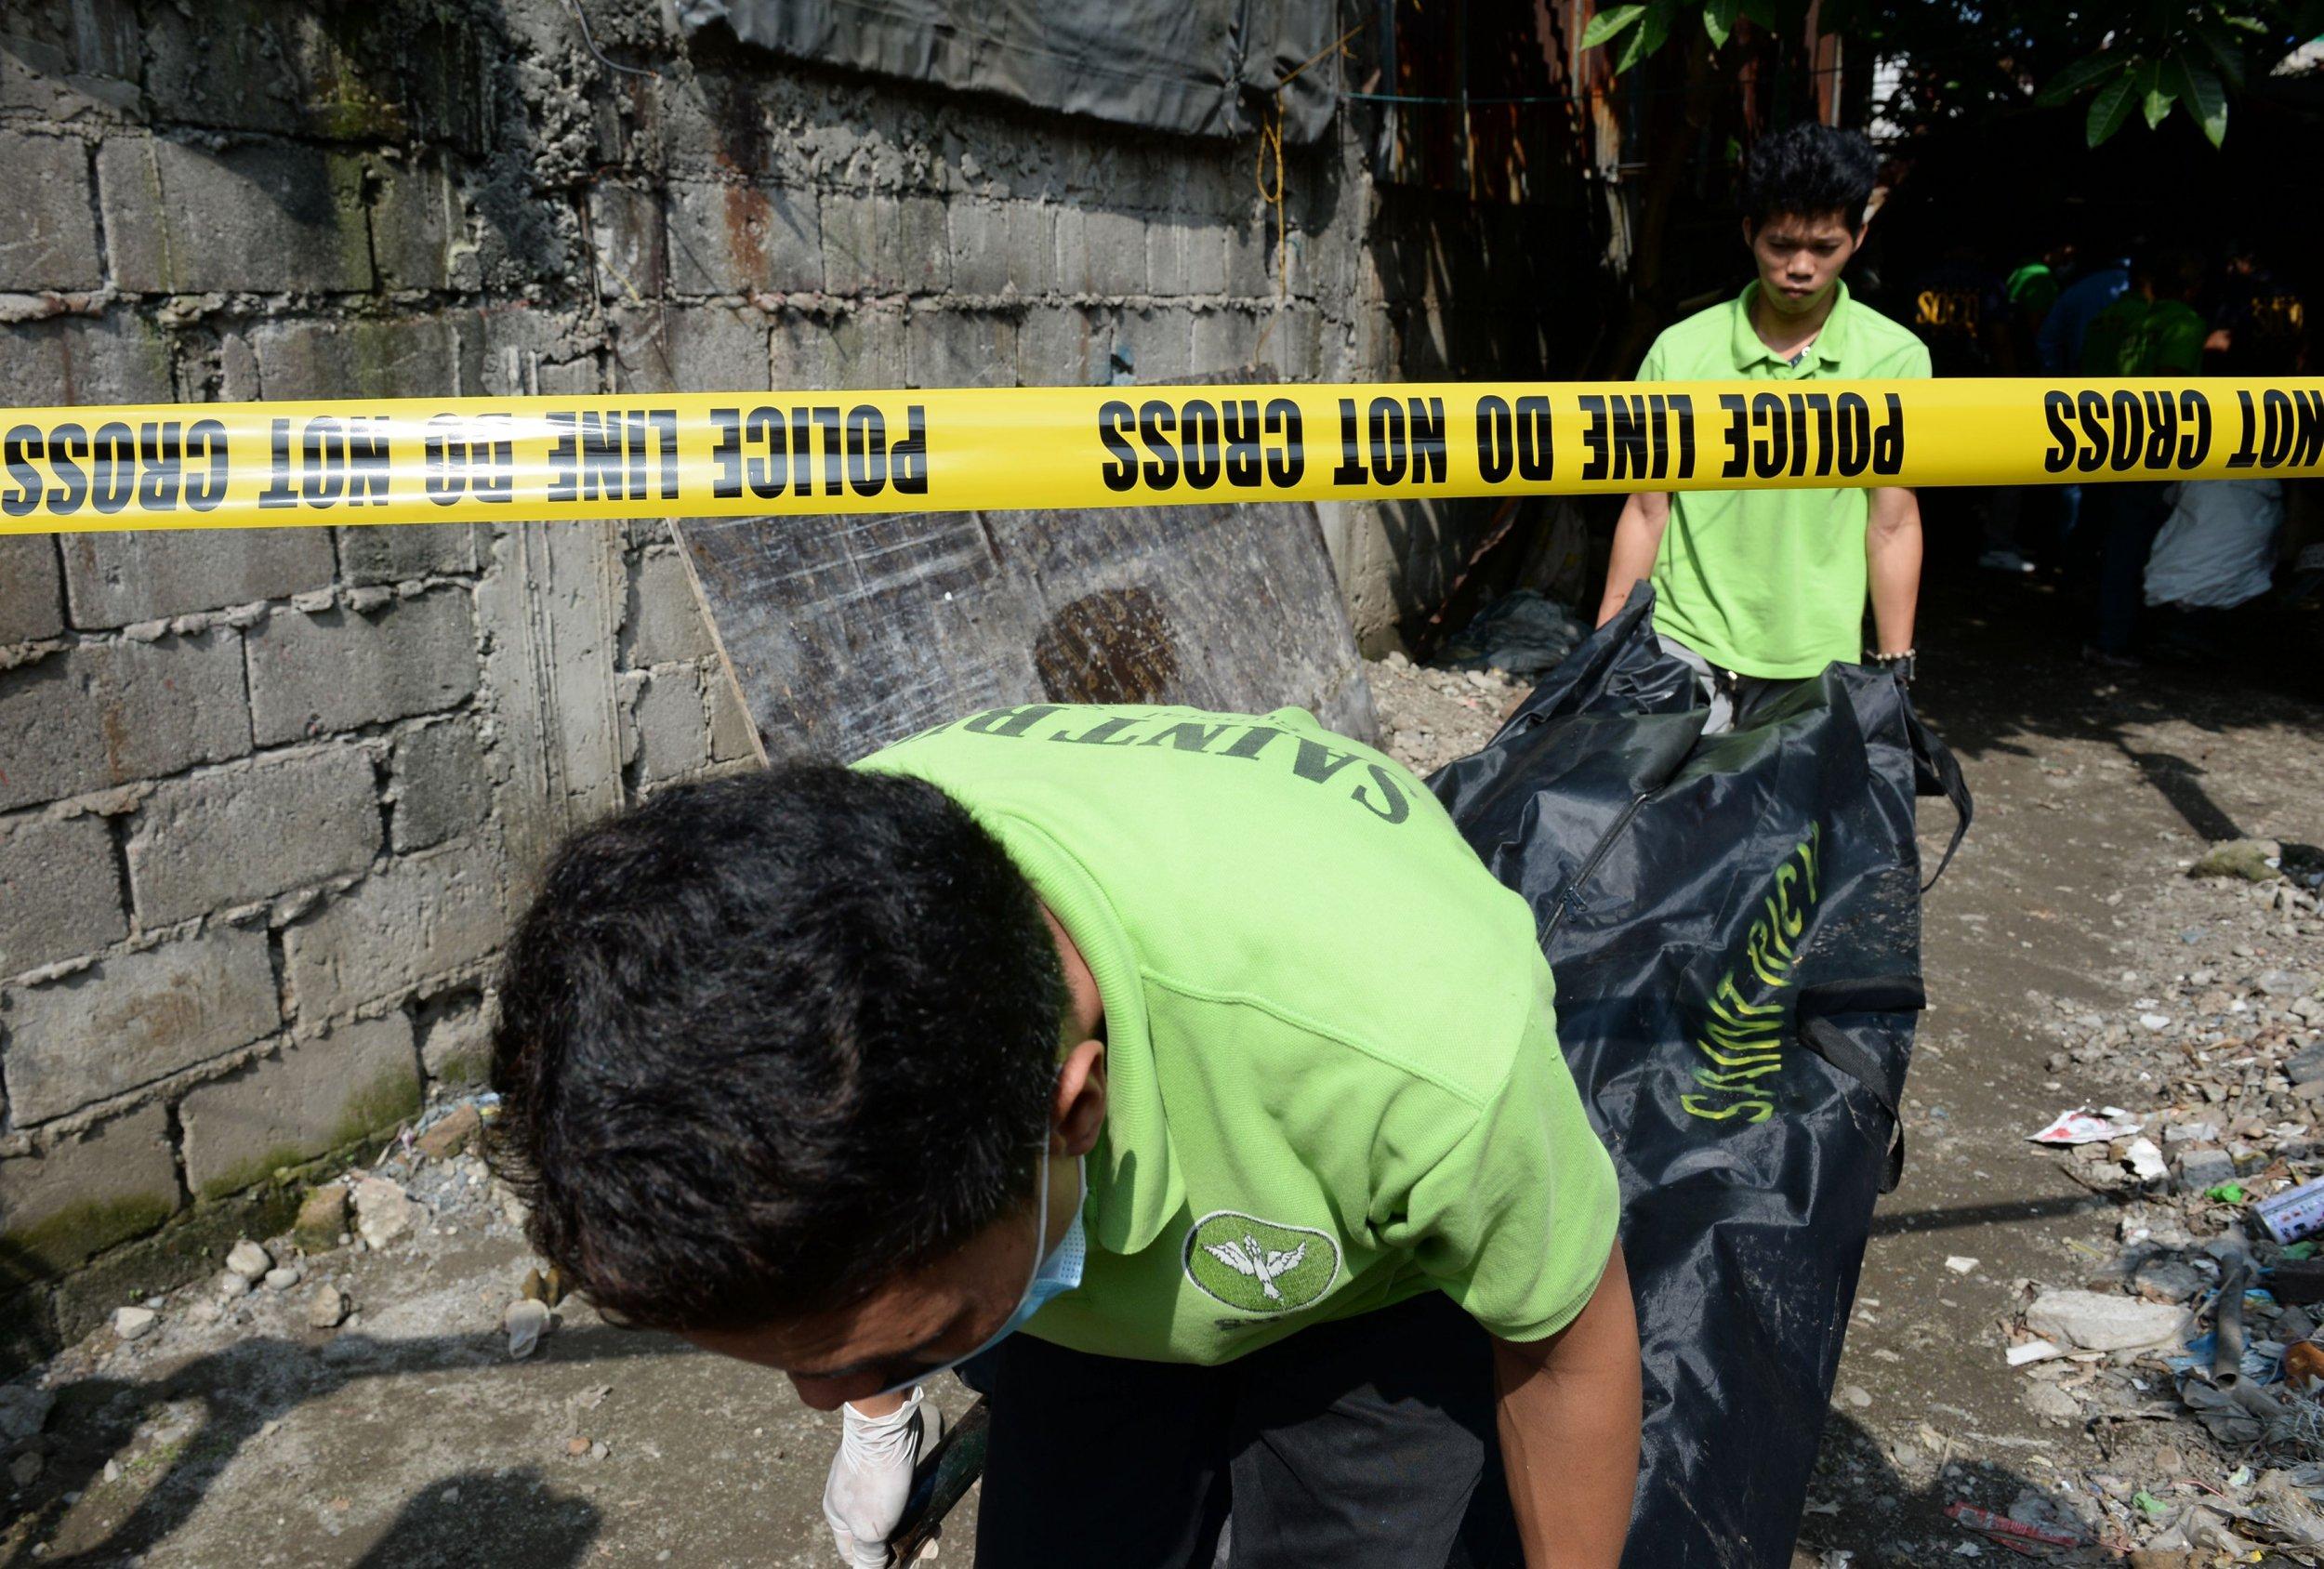 Philippines drug dealer killed